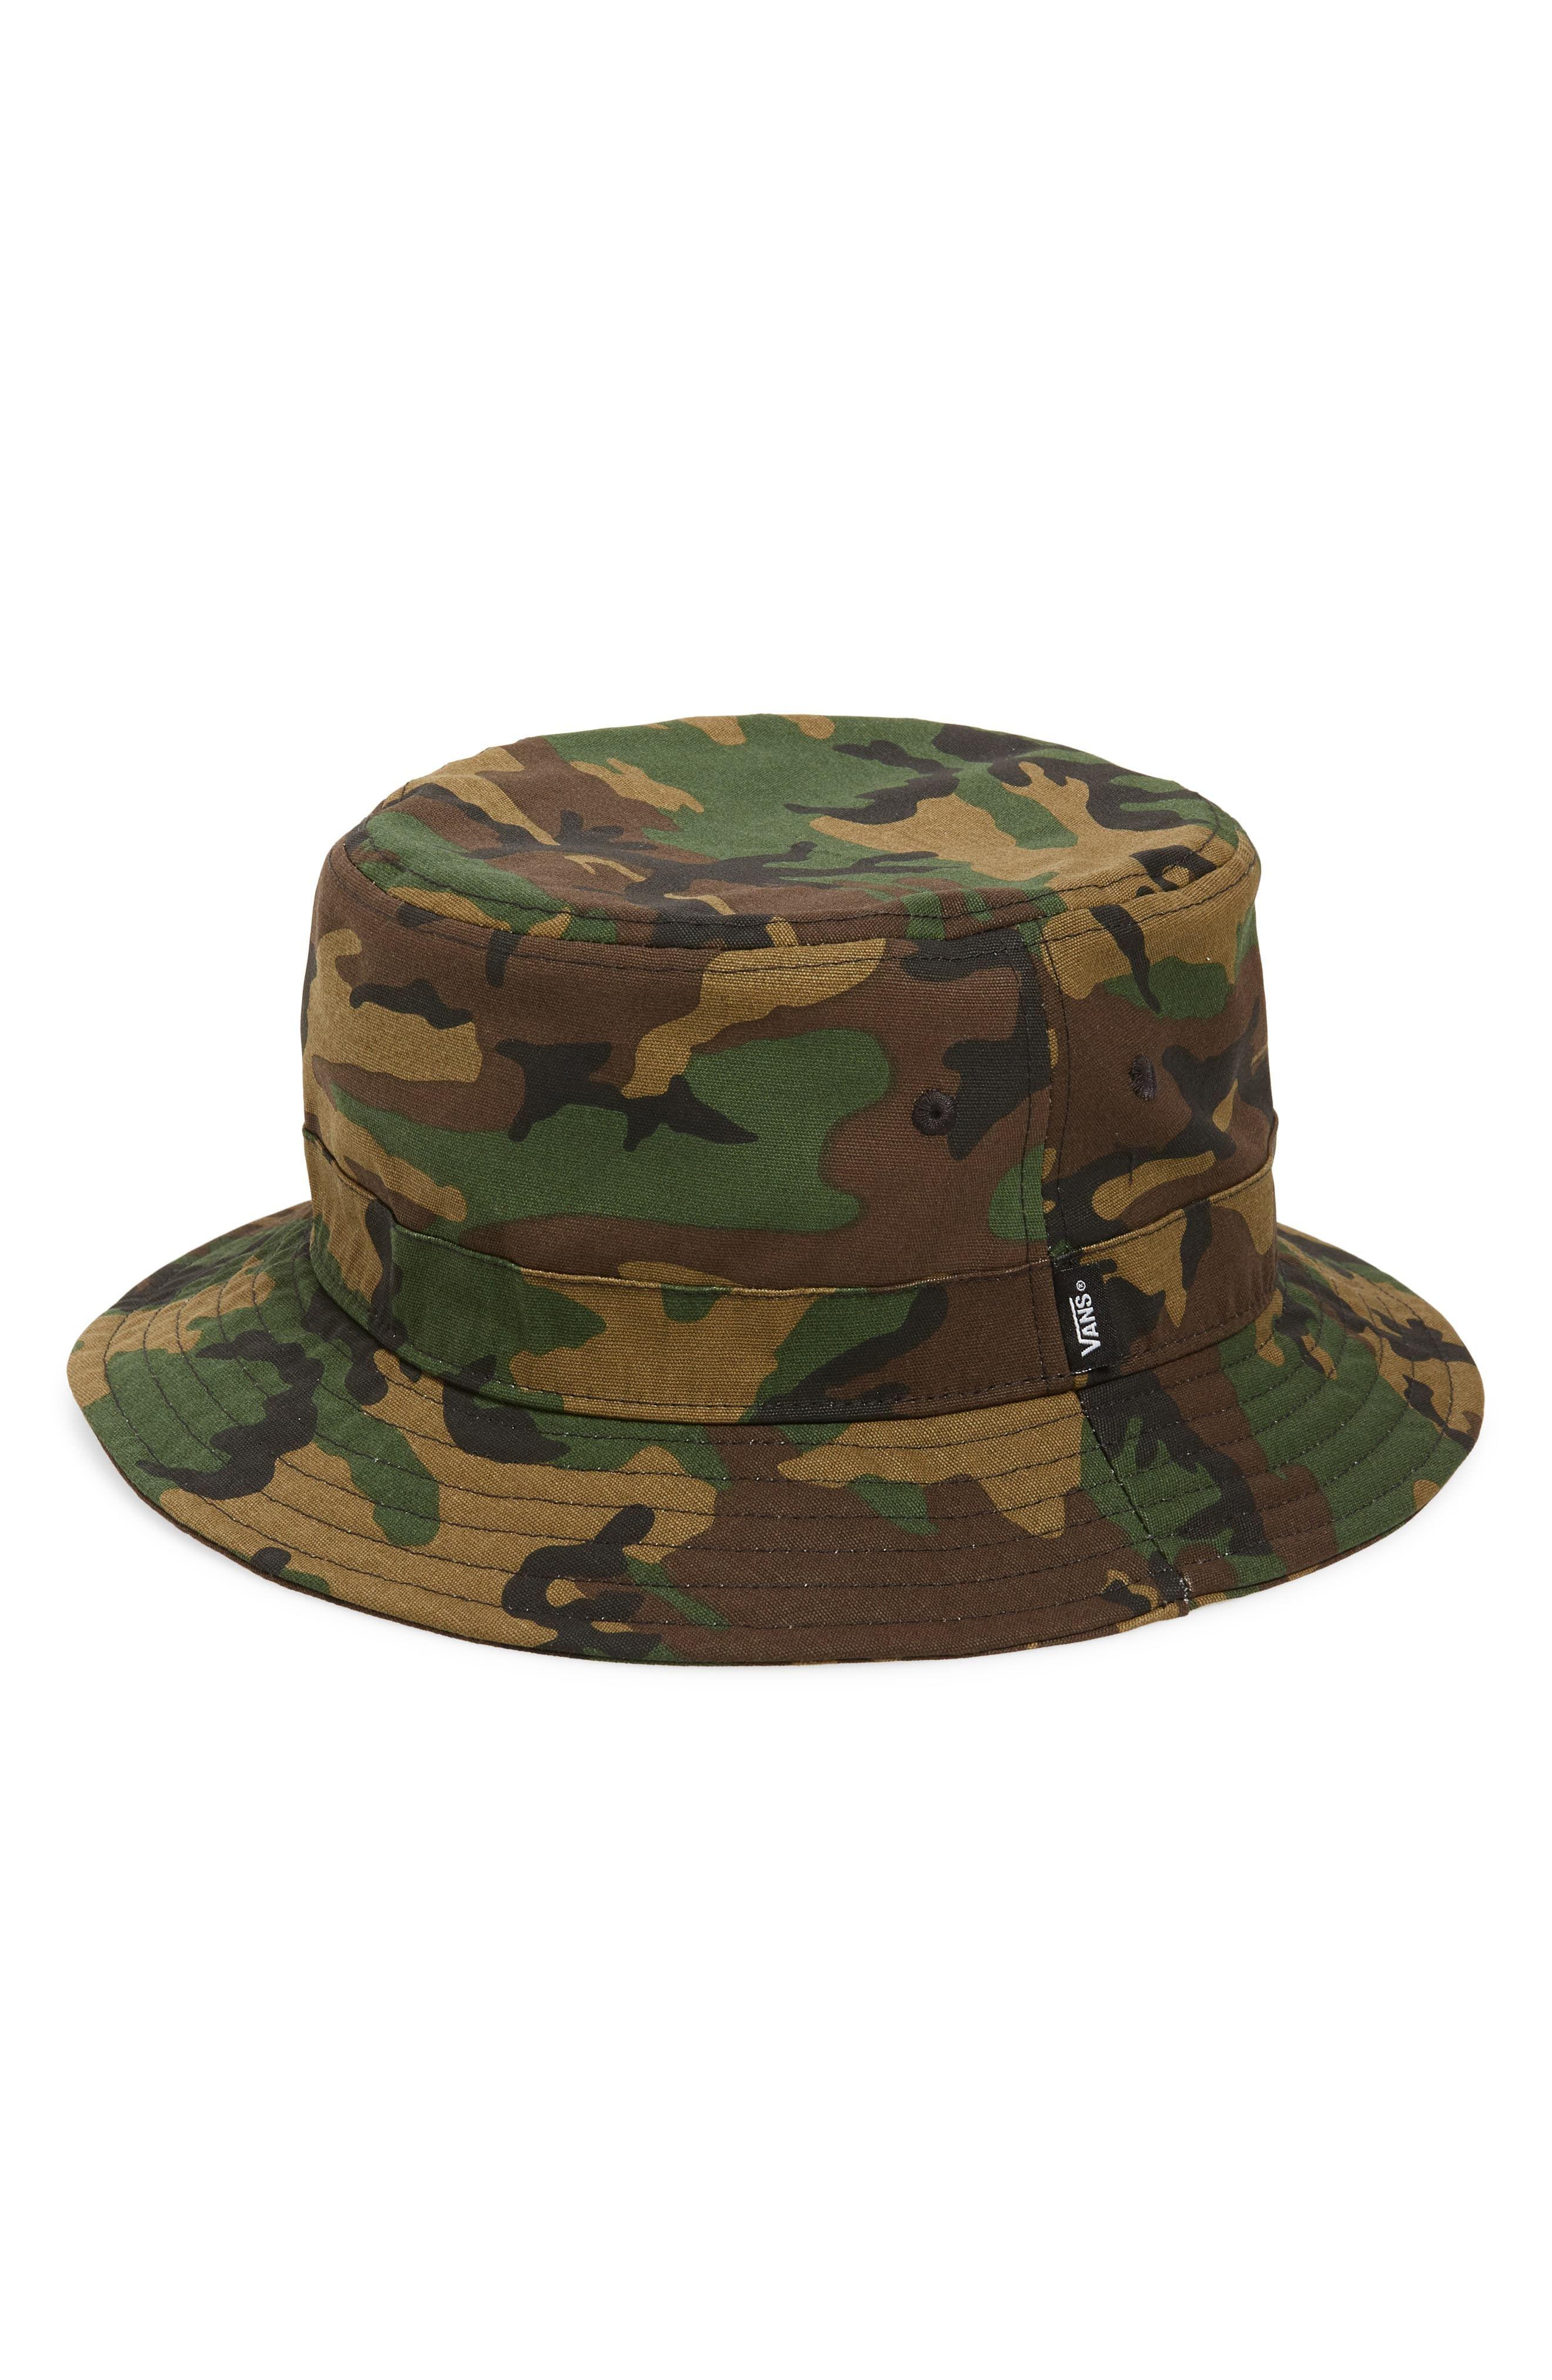 Vans Undertone Camo Bucket Hat Nordstrom Camo Bucket Hat Bucket Hat Vans